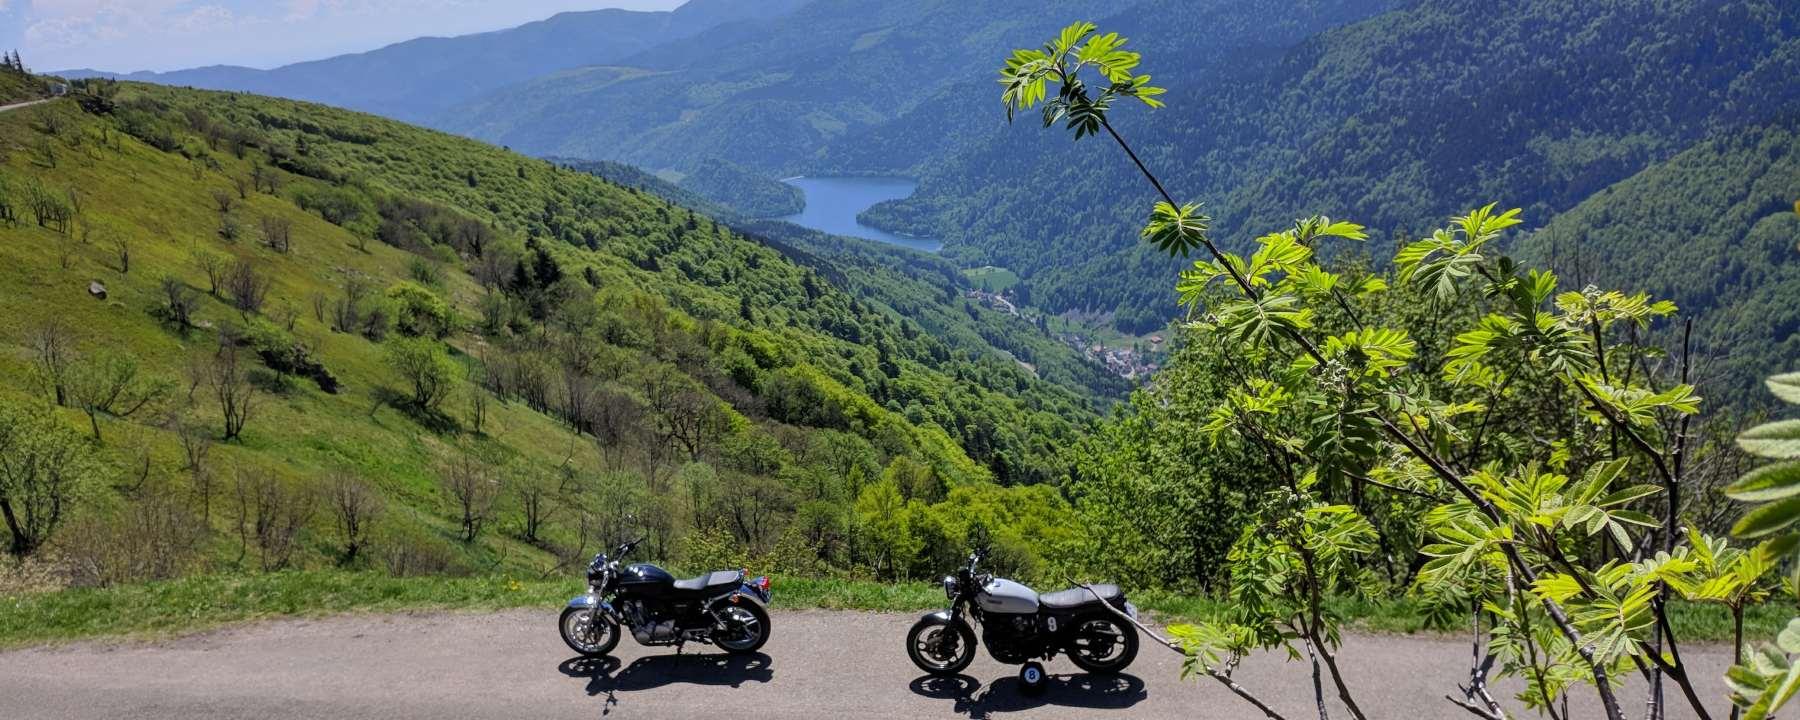 Photo scrambler Yamaha et Honda cb1100 route des crêtes